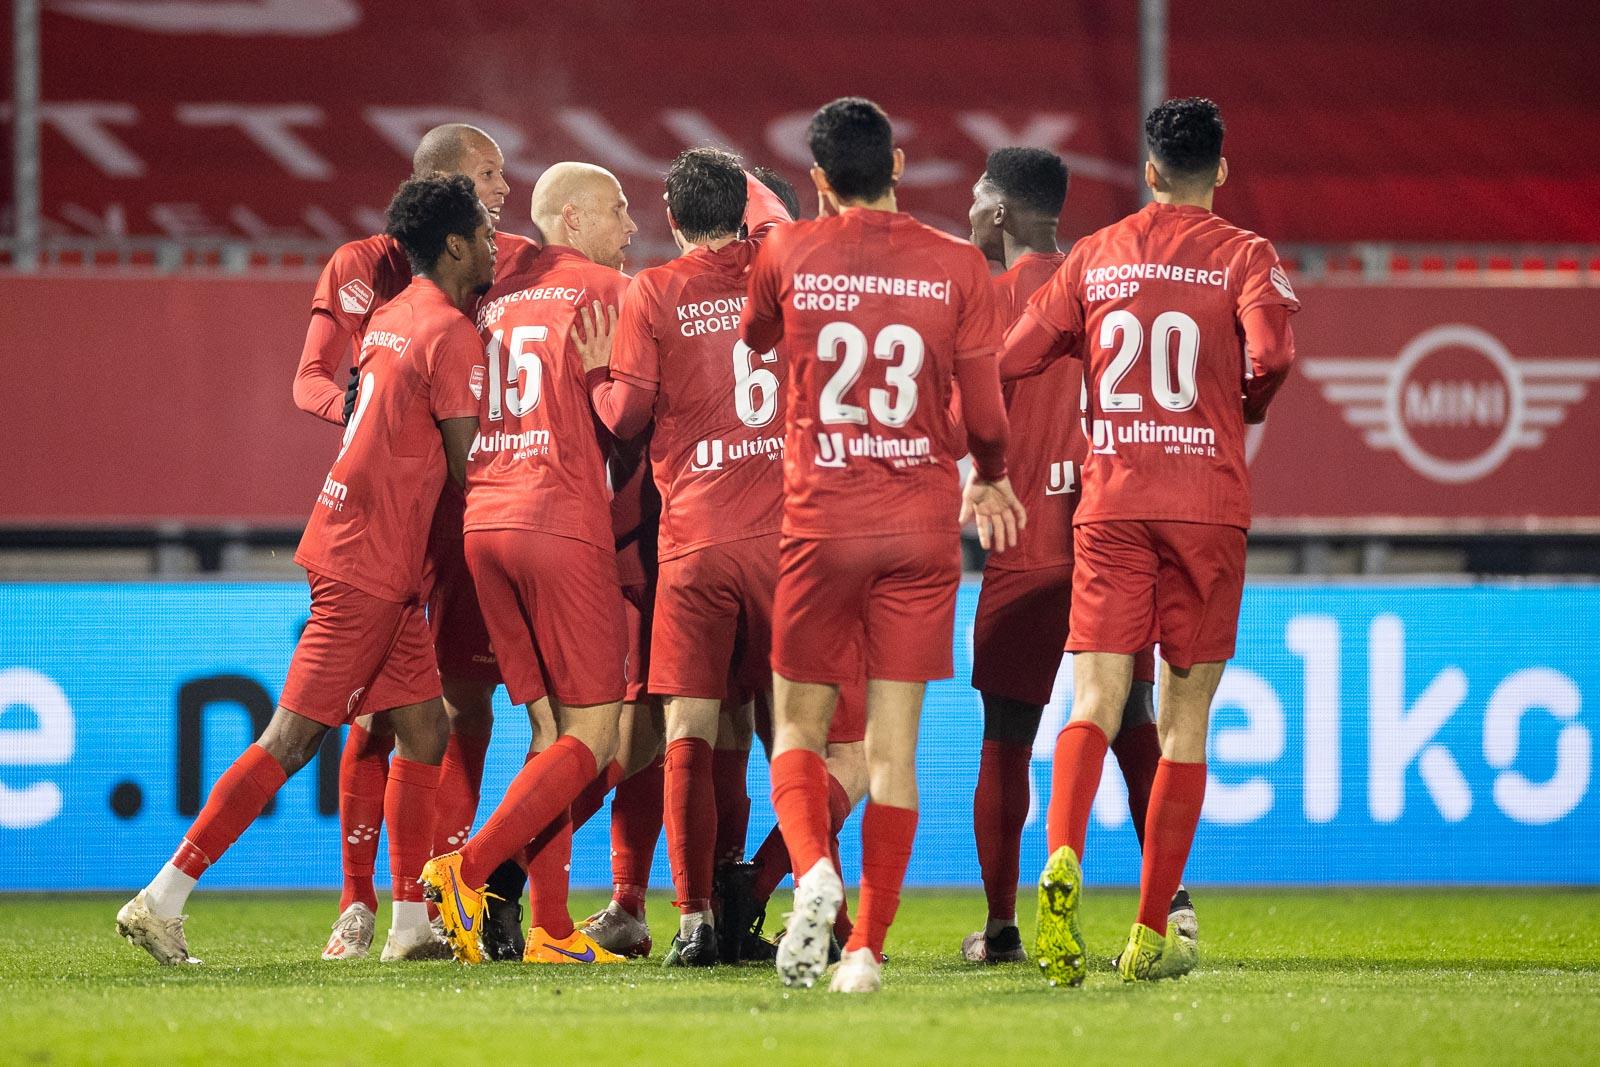 Ultimum en Almere City FC verlengen partnership tot 2024